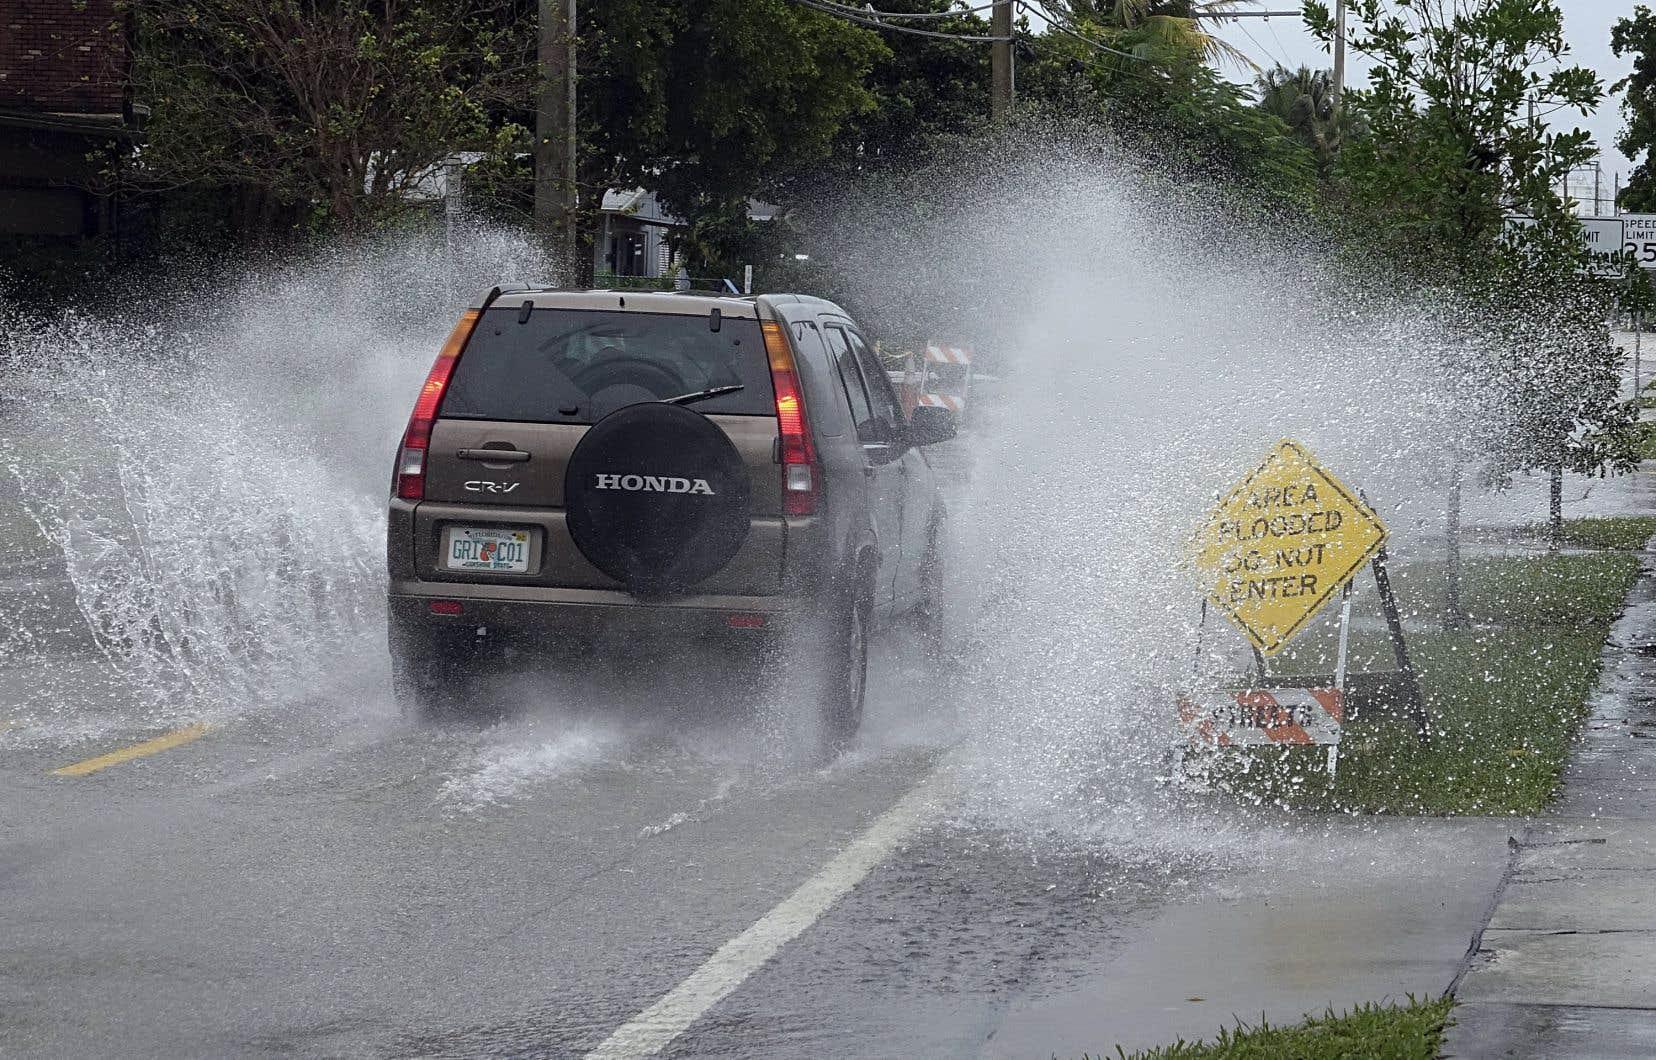 Le sud de la Floride a été placé en avertissement ou alerte ouragan, certaines zones étant déjà frappées par des inondations.